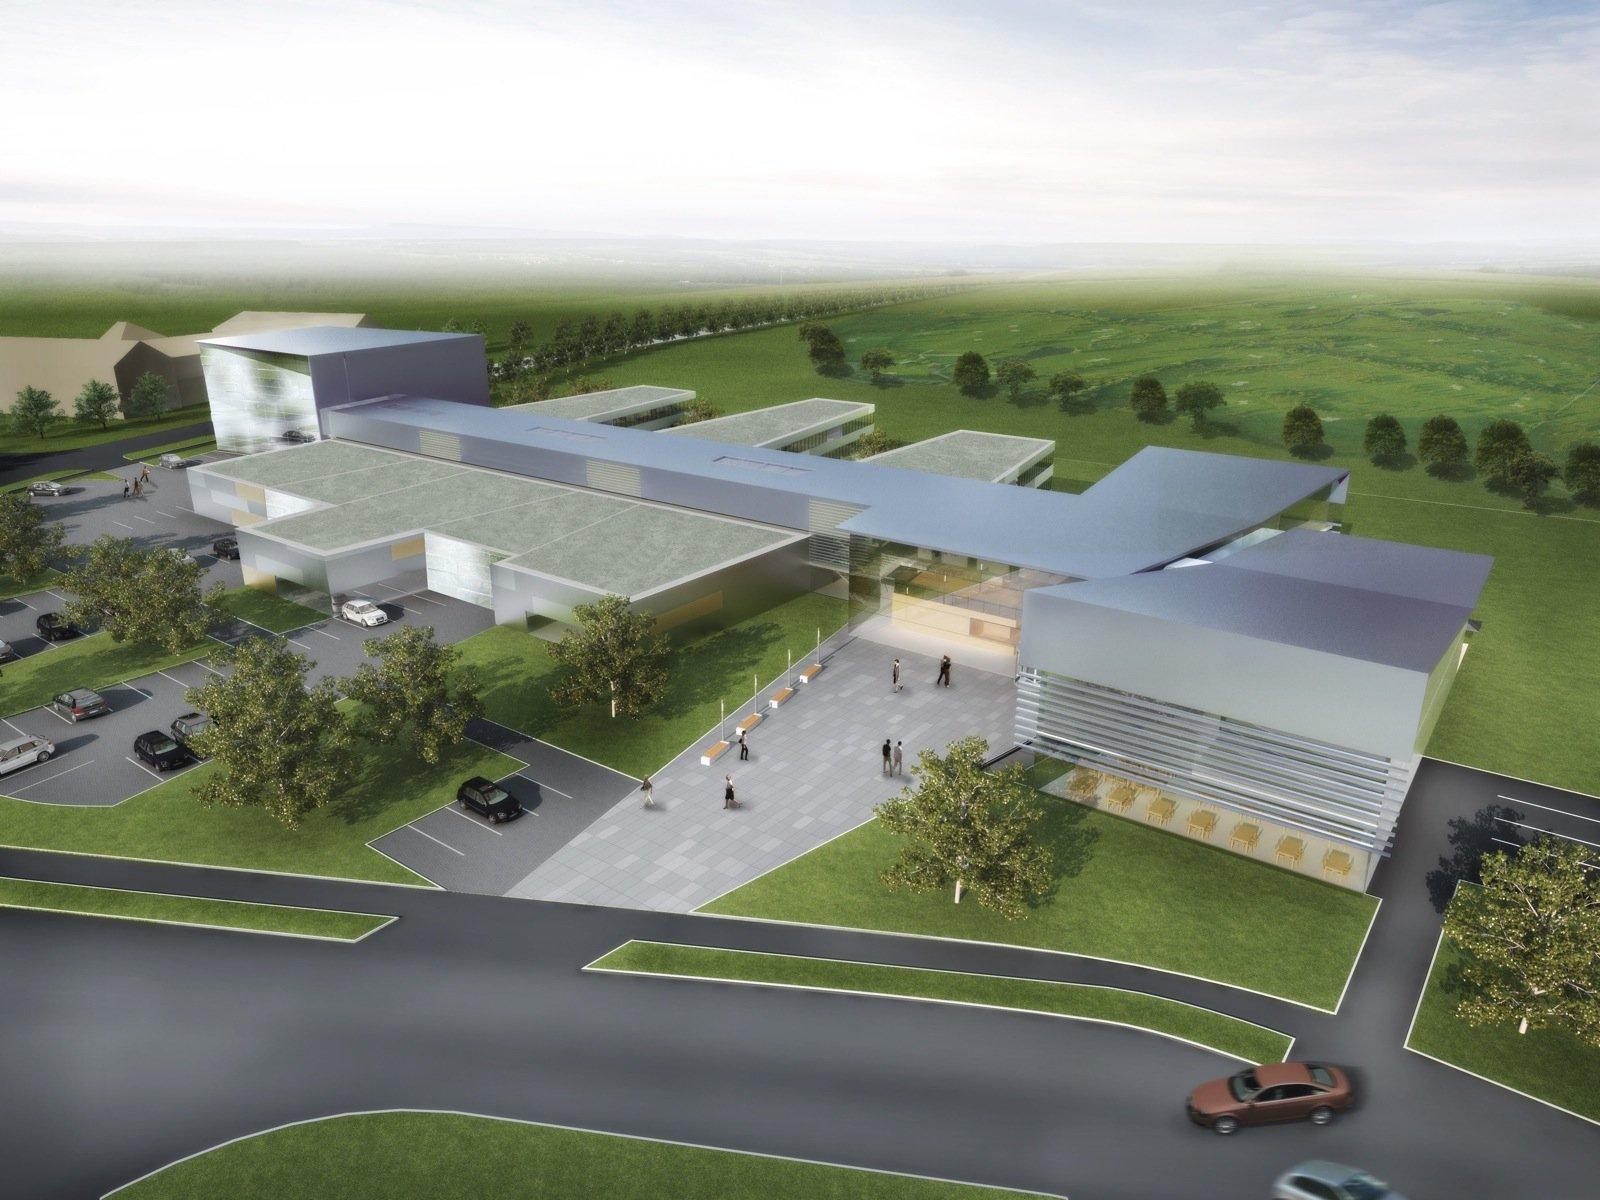 Modellansicht des Neubaus für den Bereich Entwicklungszentrum Röntgentechnik in Fürth-Atzenhof. Das Gebäude ist für rund 220 Personen mit 140 Büros, Laborräumen und Werkstätten auf über 5300 Quadratmetern konzipiert.